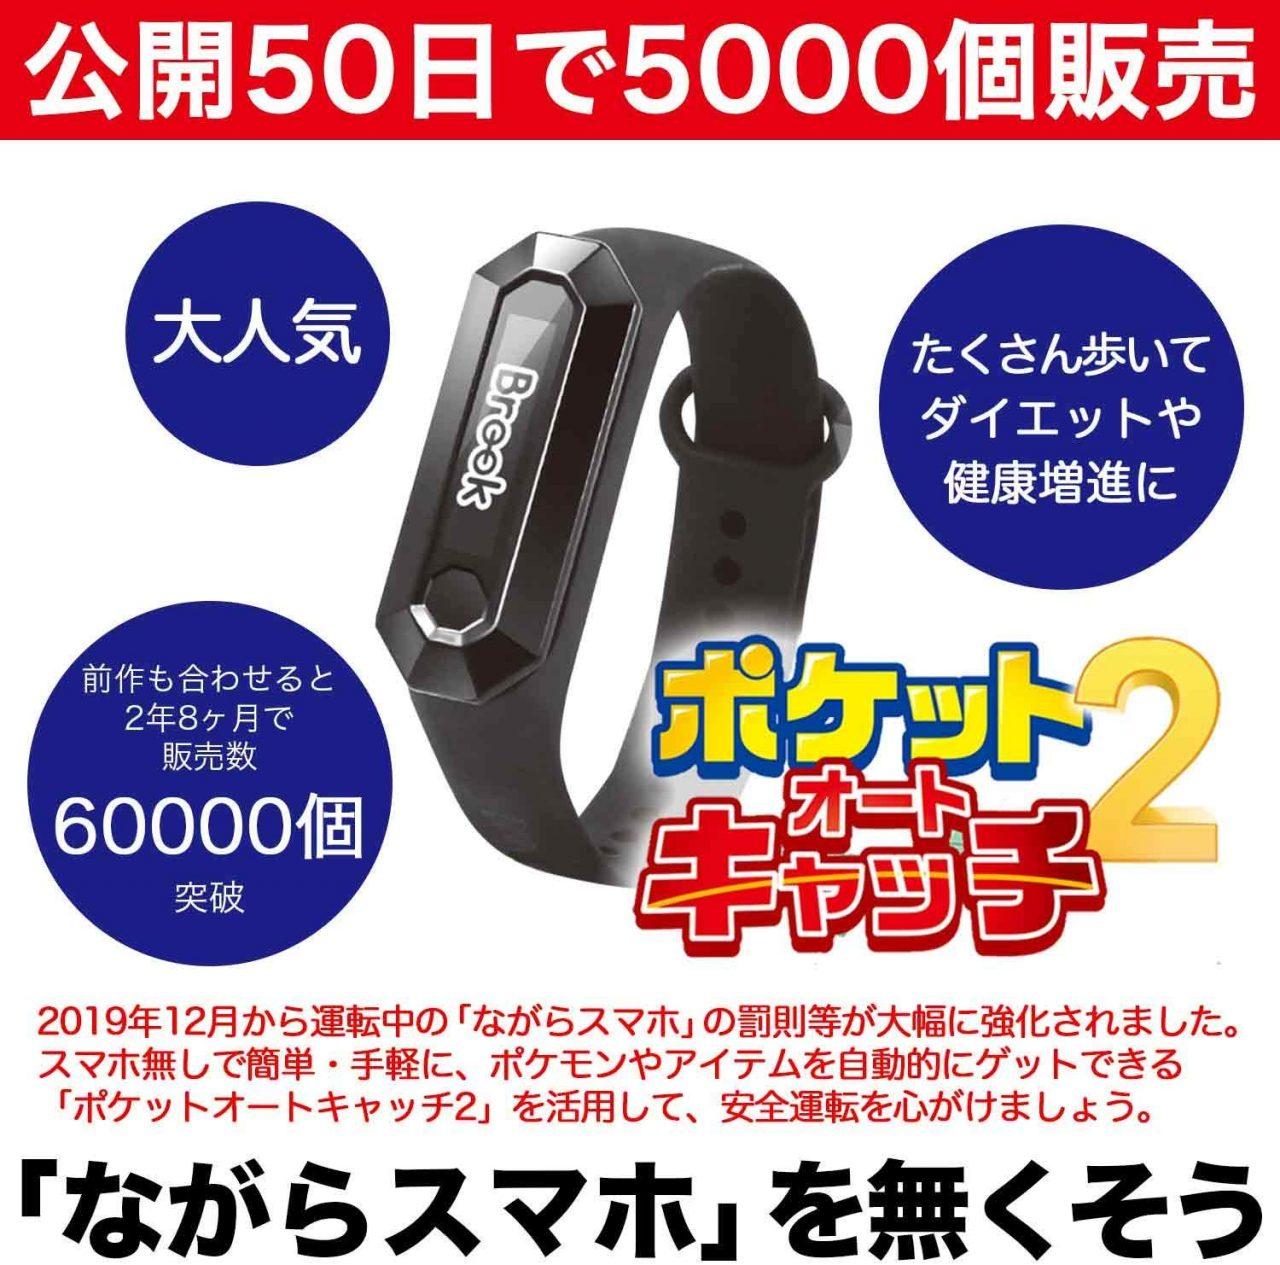 『ポケモンGO』用自動化ツール「ポケットオートキャッチ2」がAmazonでクーポン2,000円割引!